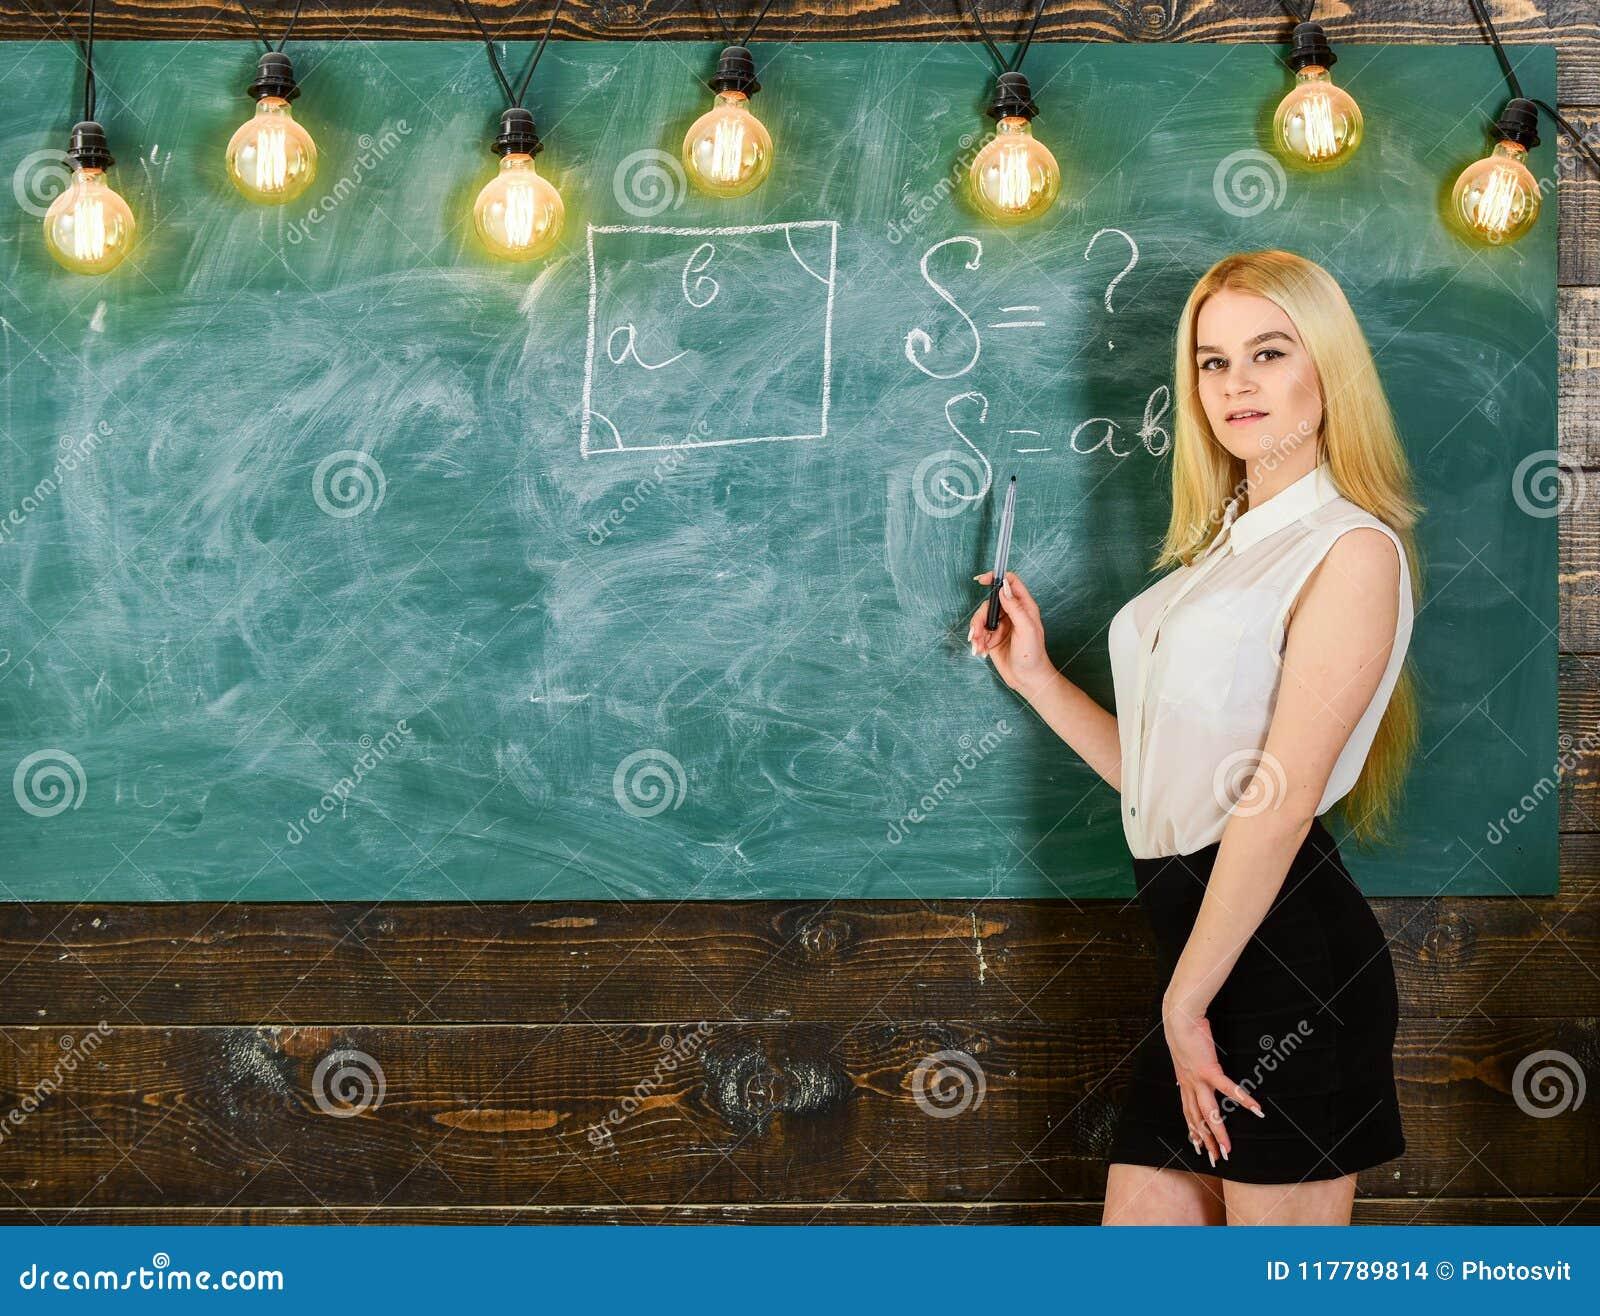 Mulher com nádegas agradáveis que ensina a matemática Conceito  sexy  do professor Professor  sexy  da senhora na saia curto que